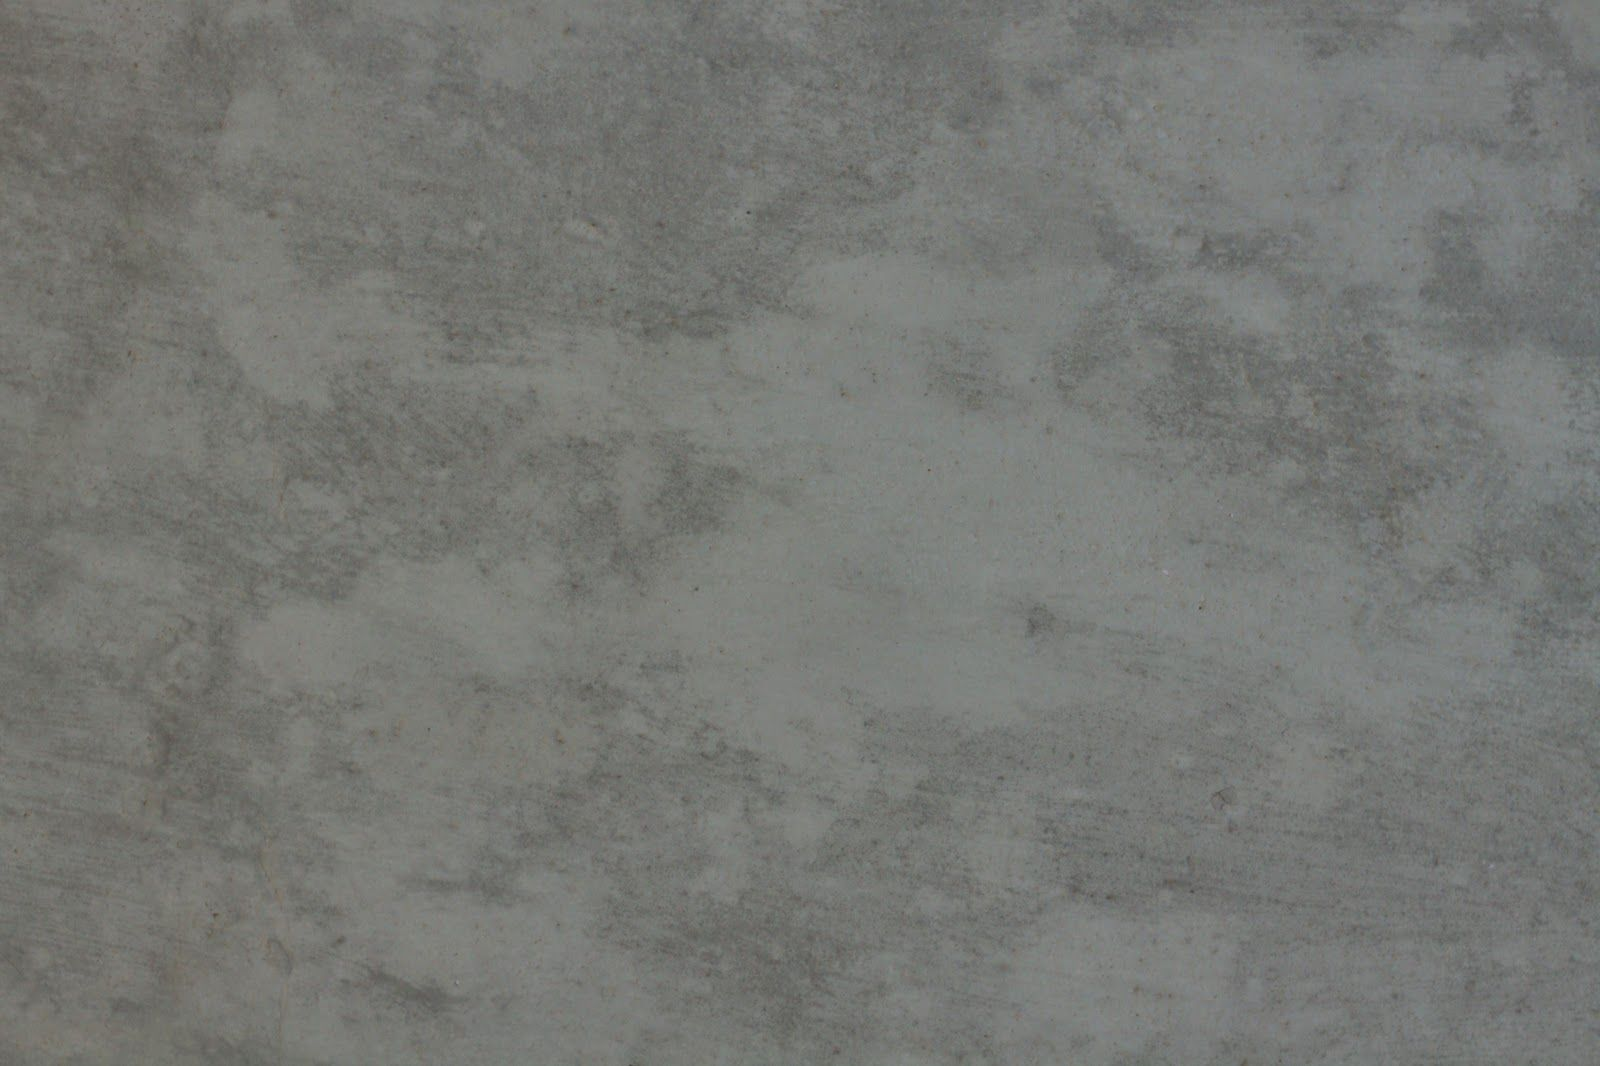 Dark Concrete Walls Google Search Therese Raquin